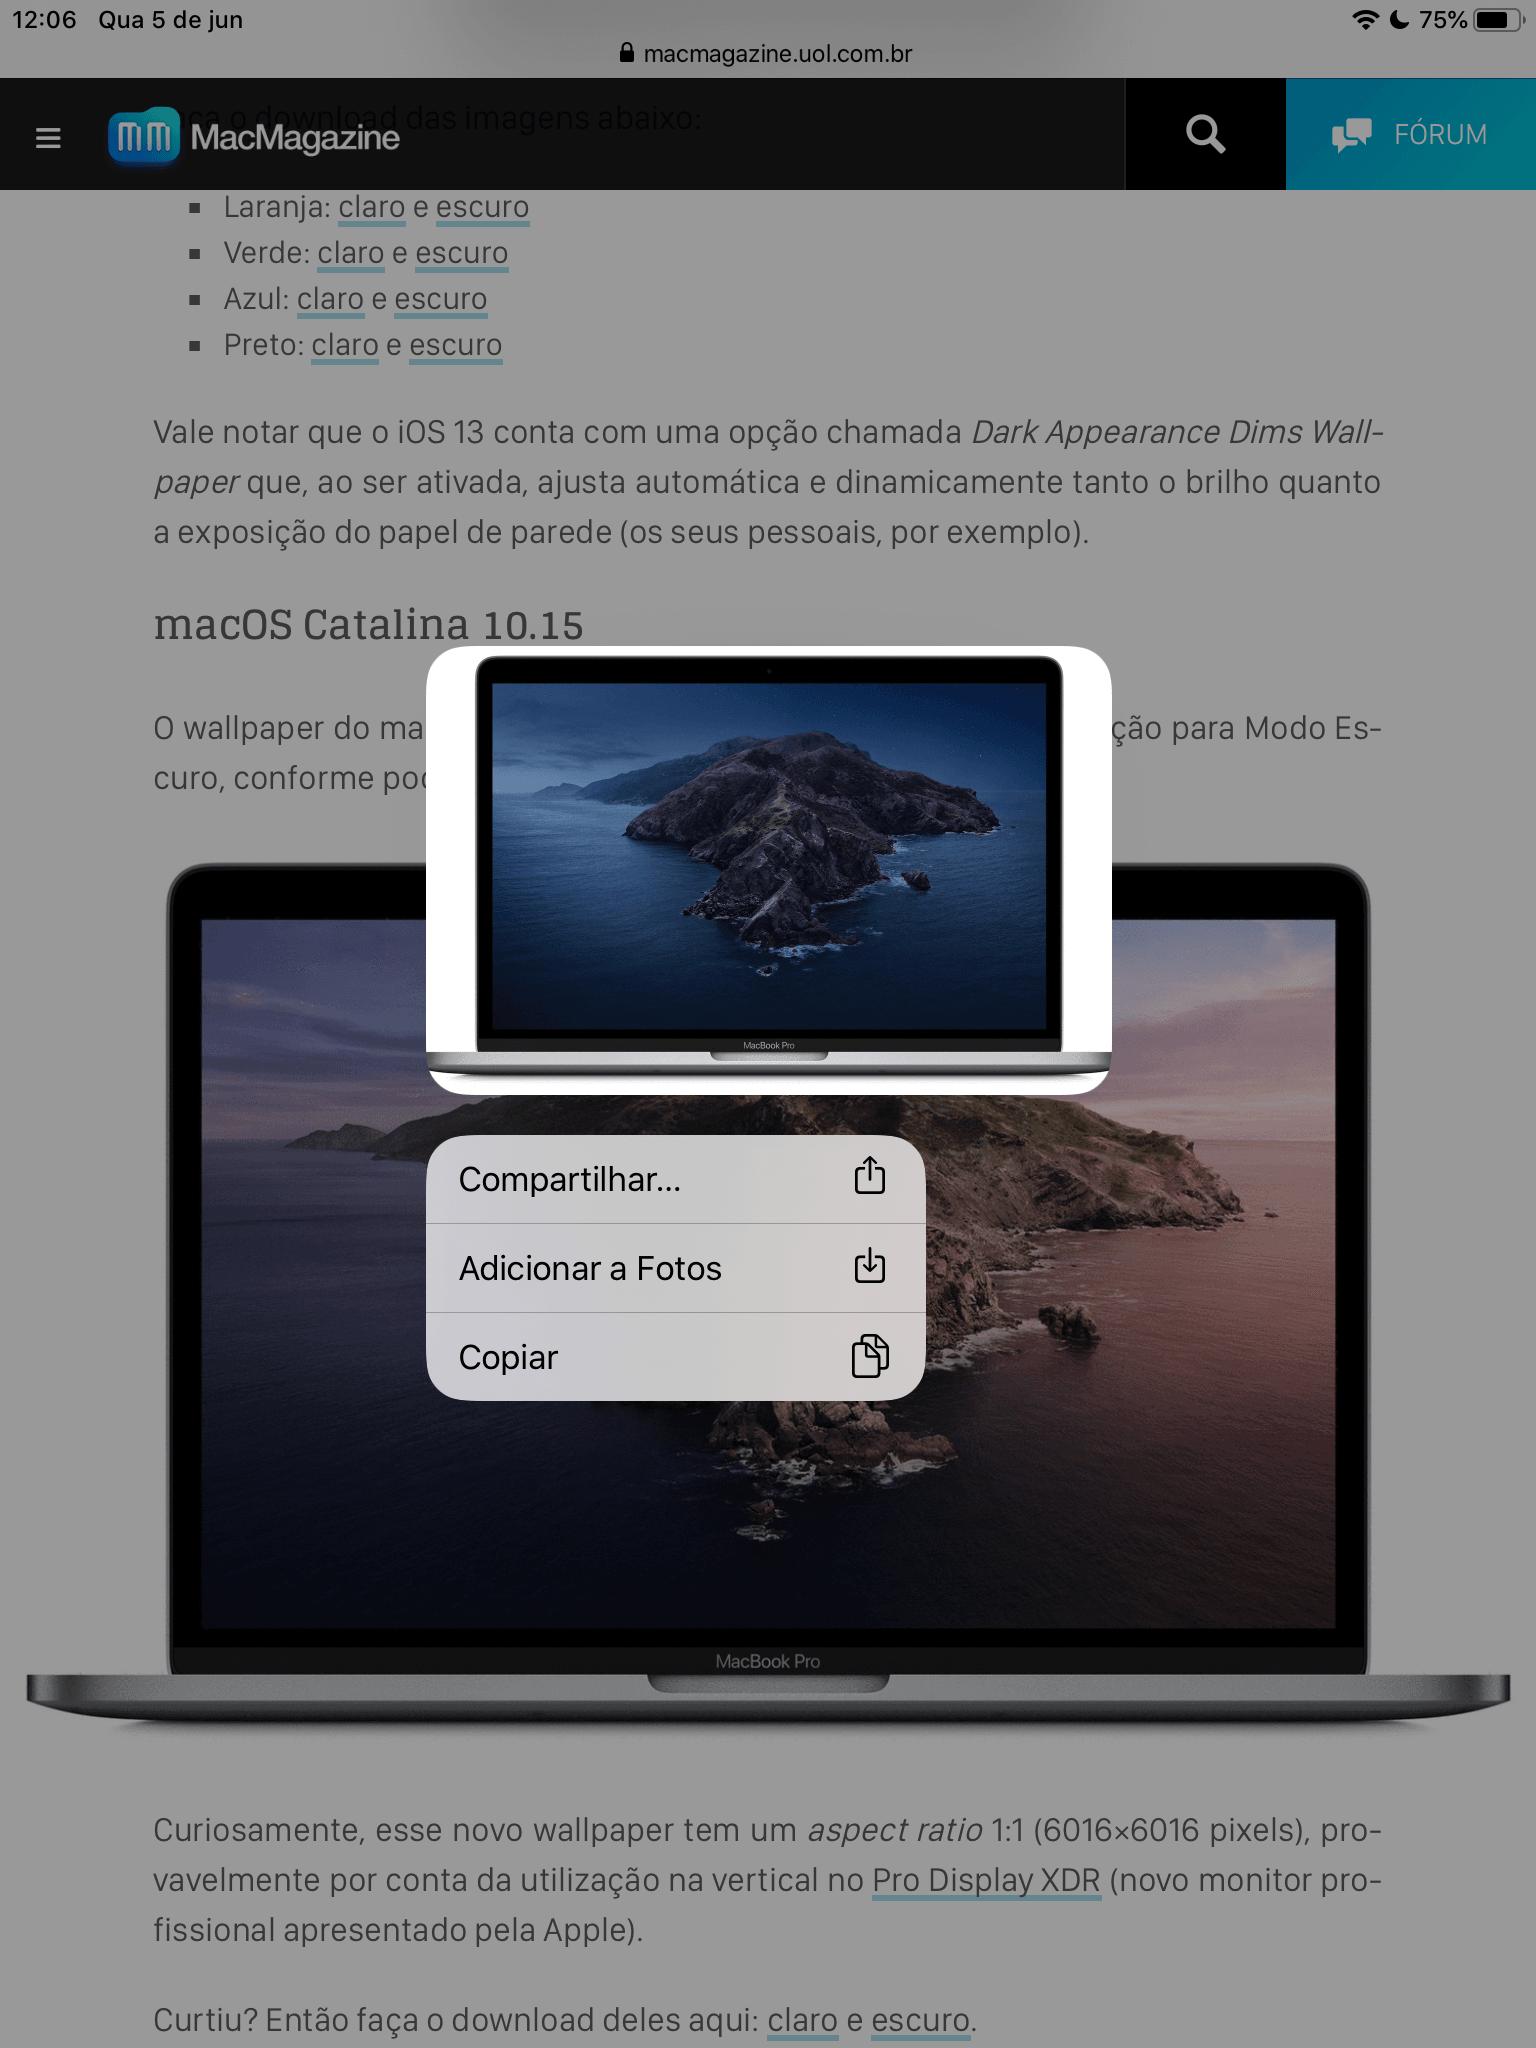 Image Options in Safari 13